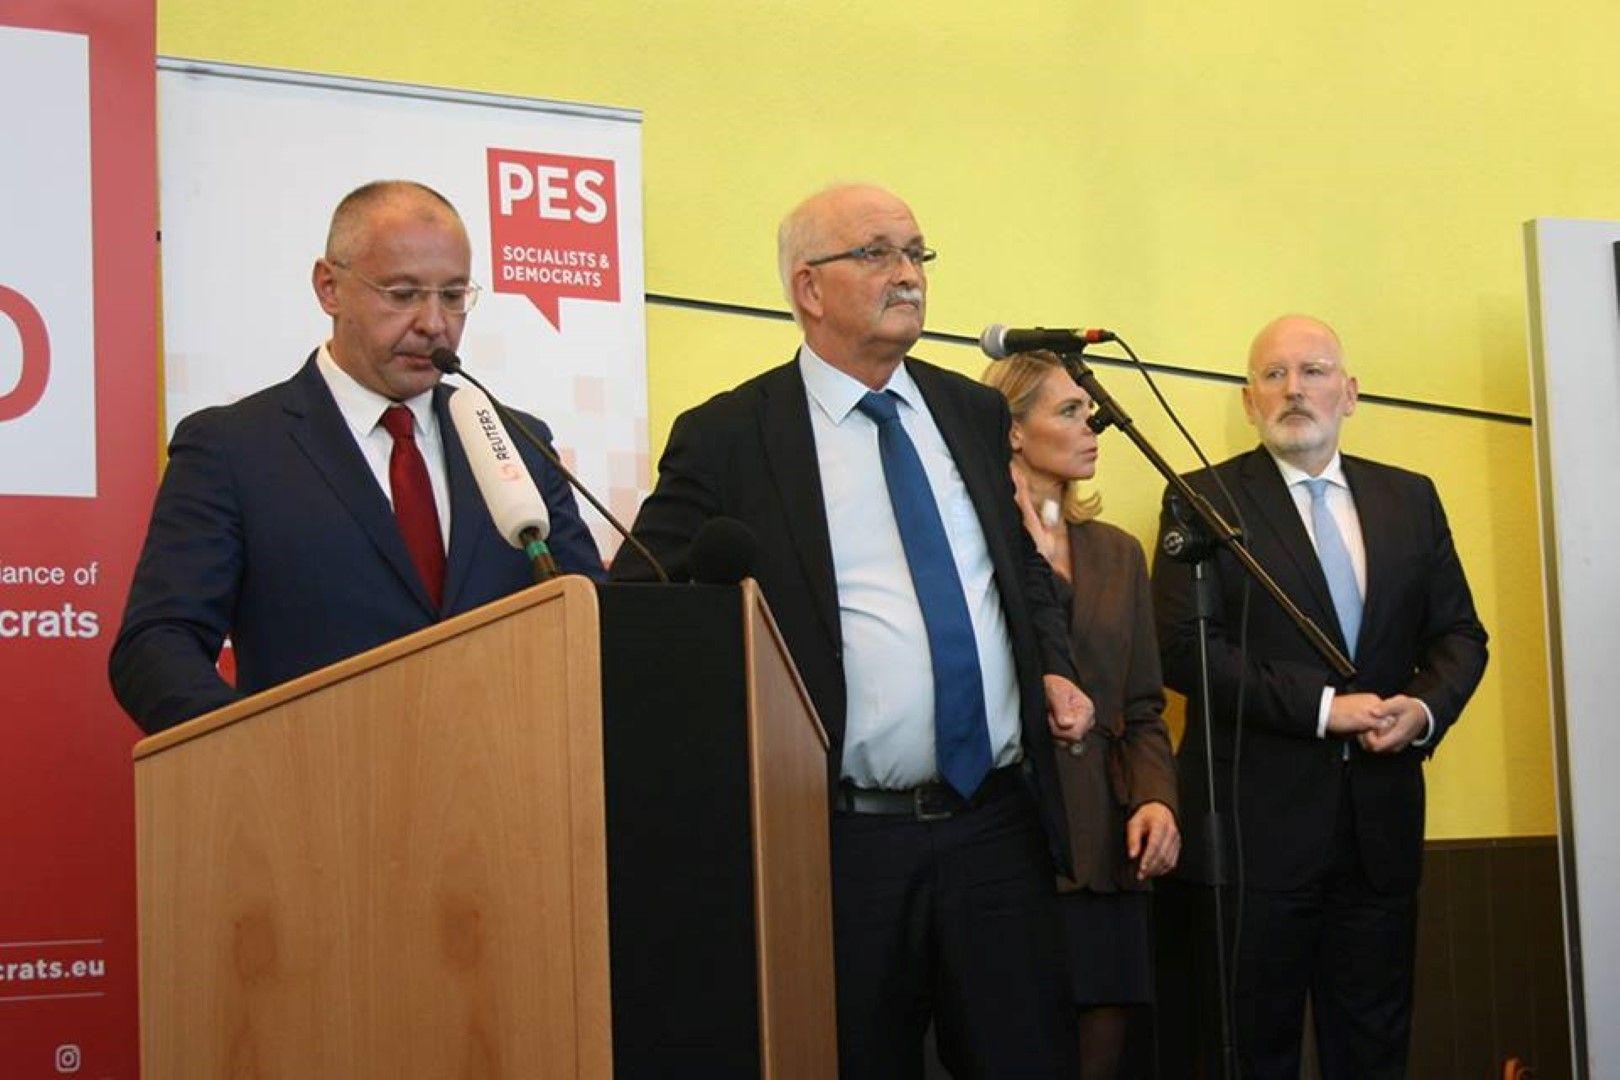 Председателят на ПЕС Сергей Станишев по време на конгреса. Крайният вдясно е Франс Тимермансесът на